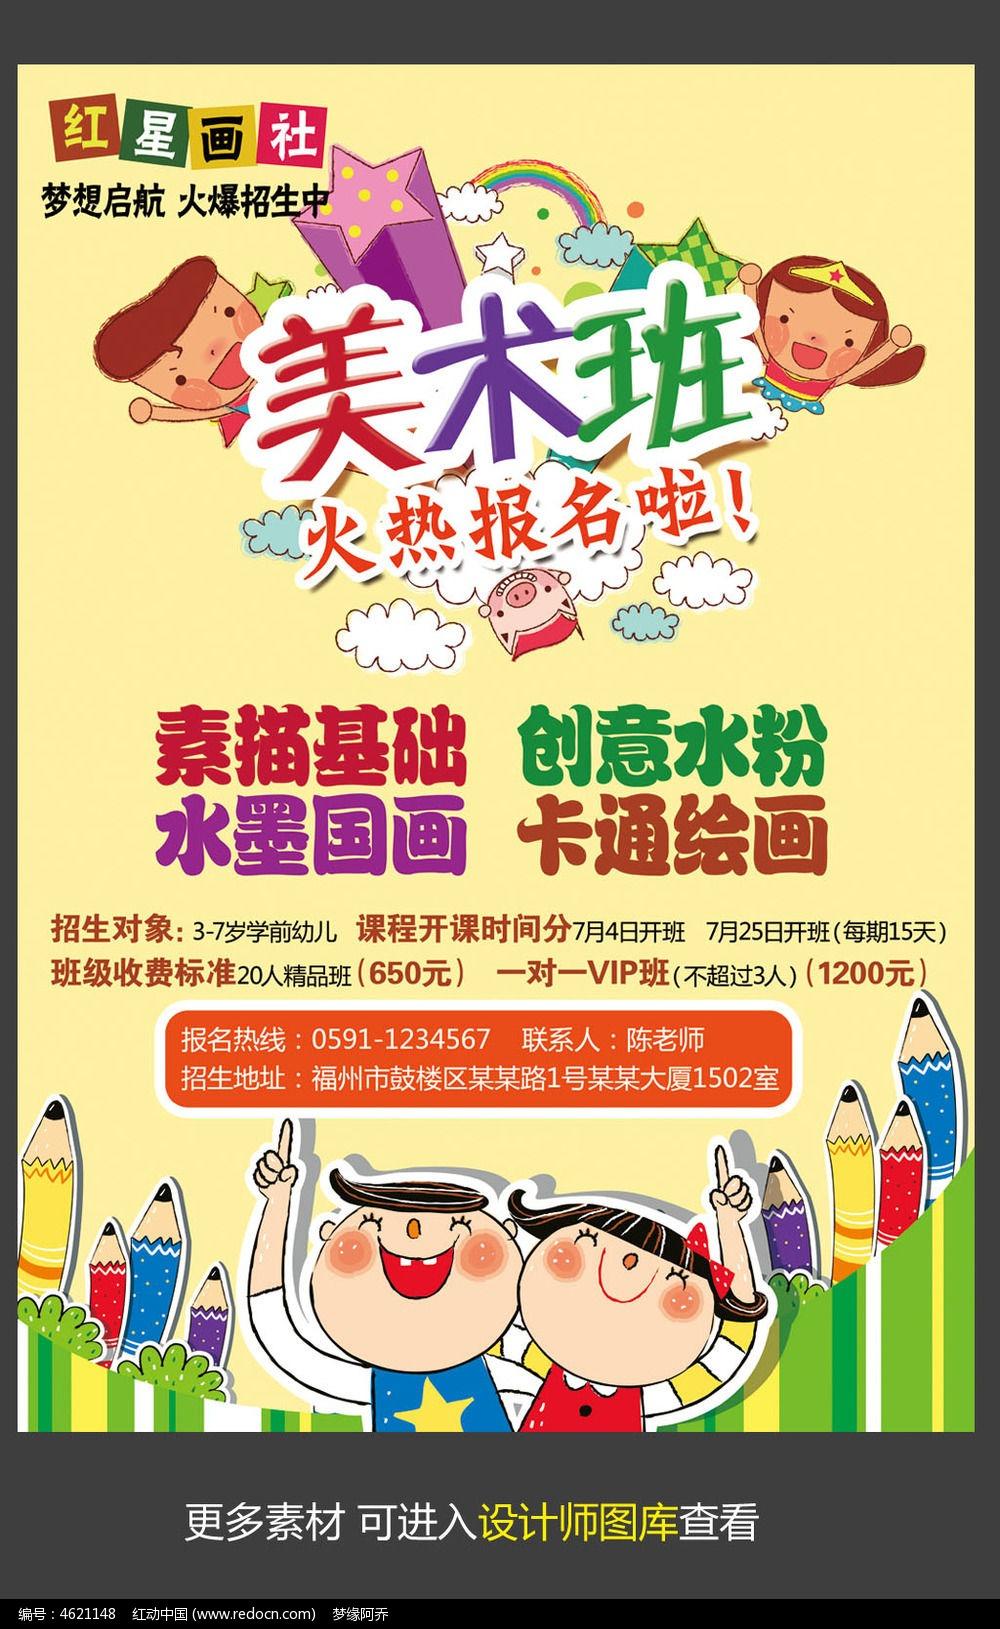 暑假美术班招生宣传海报设计